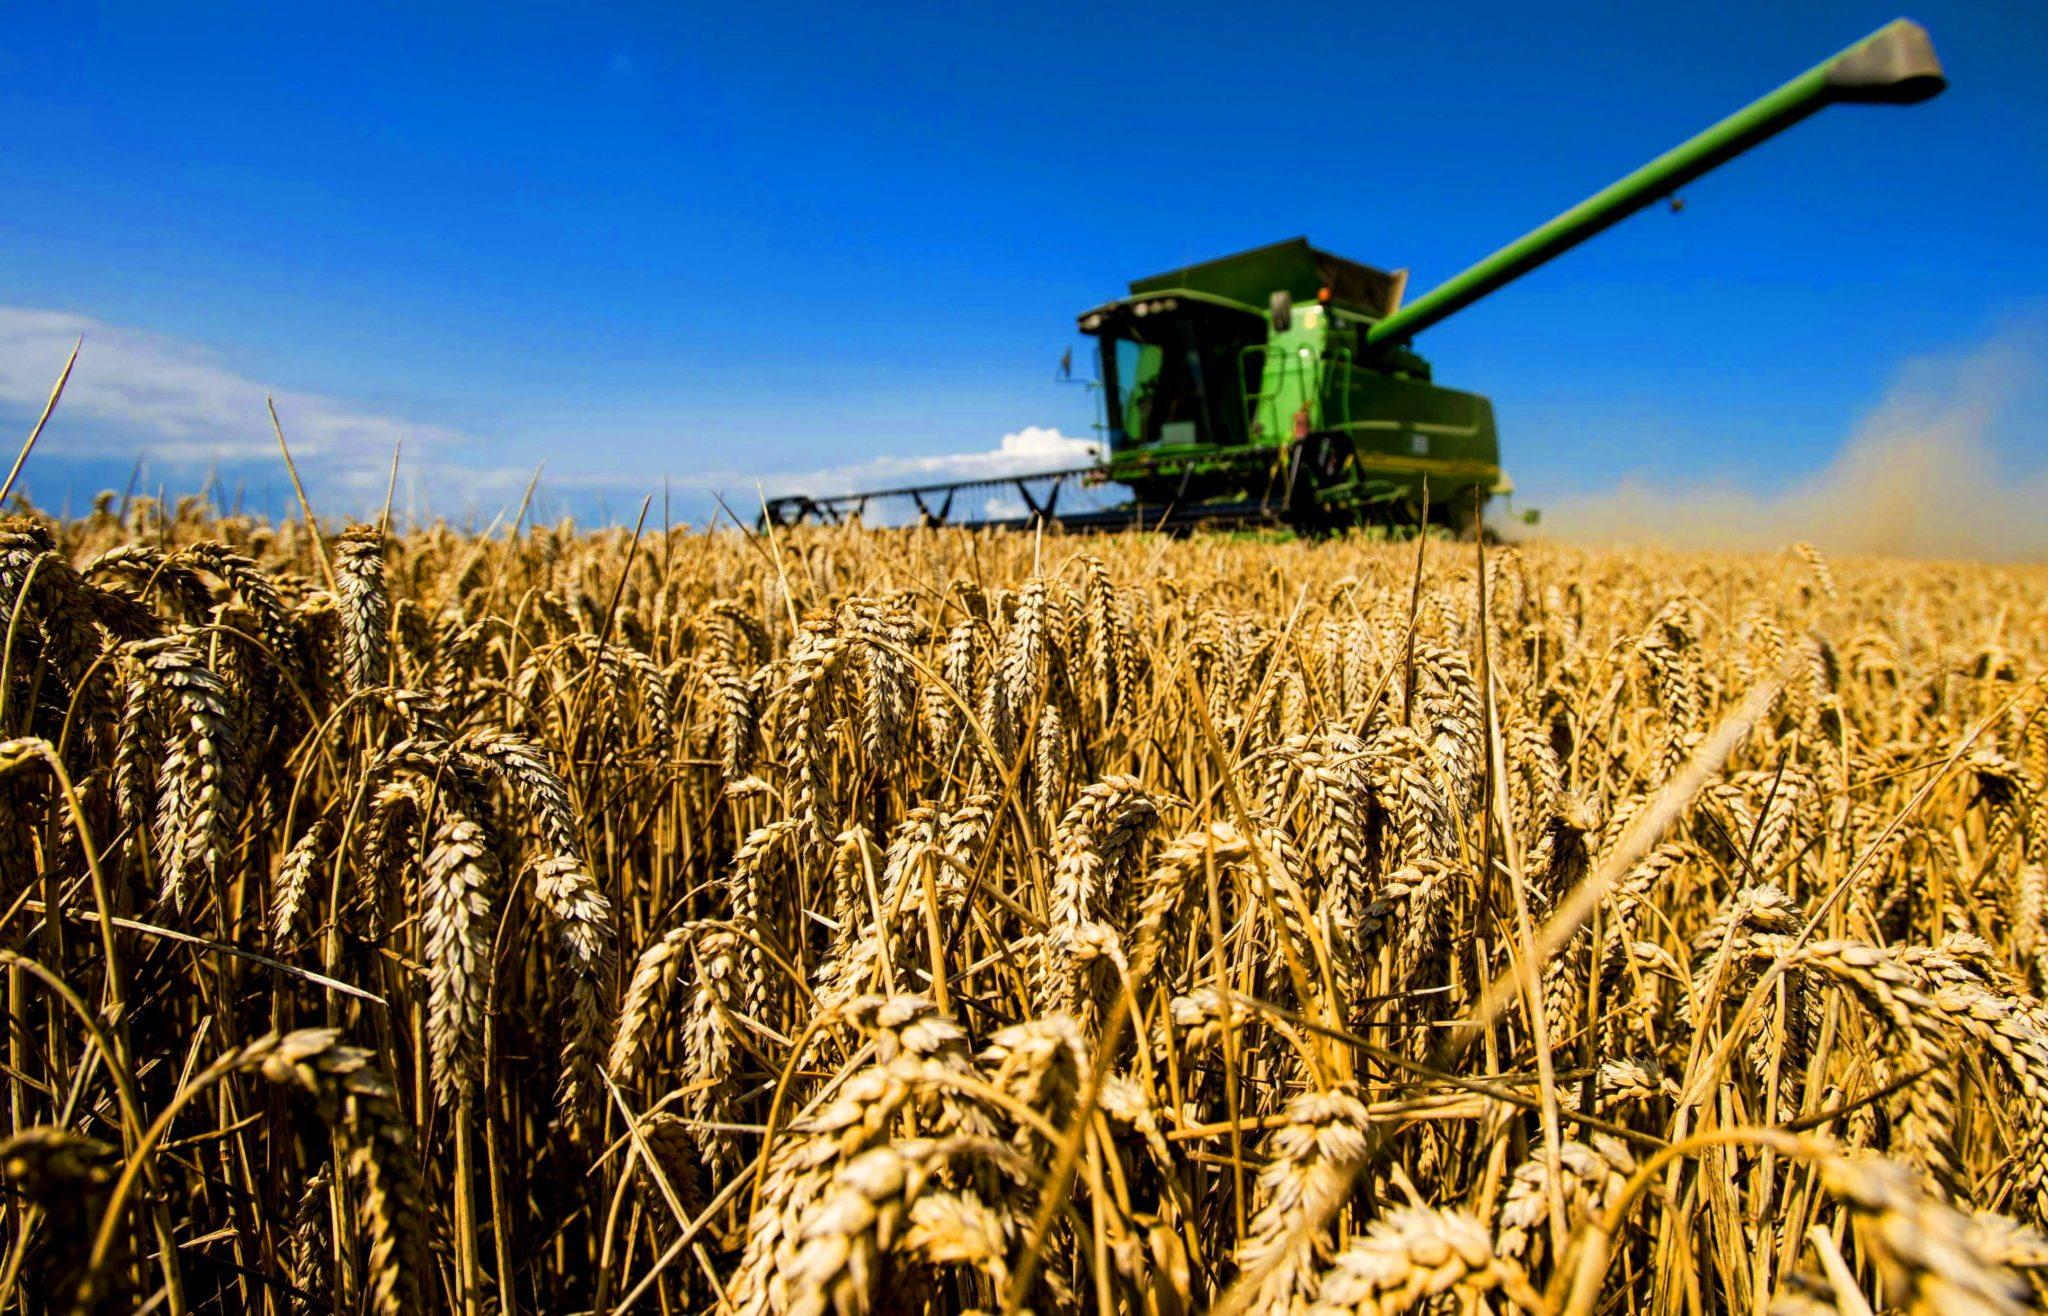 Картинки с сельским хозяйством